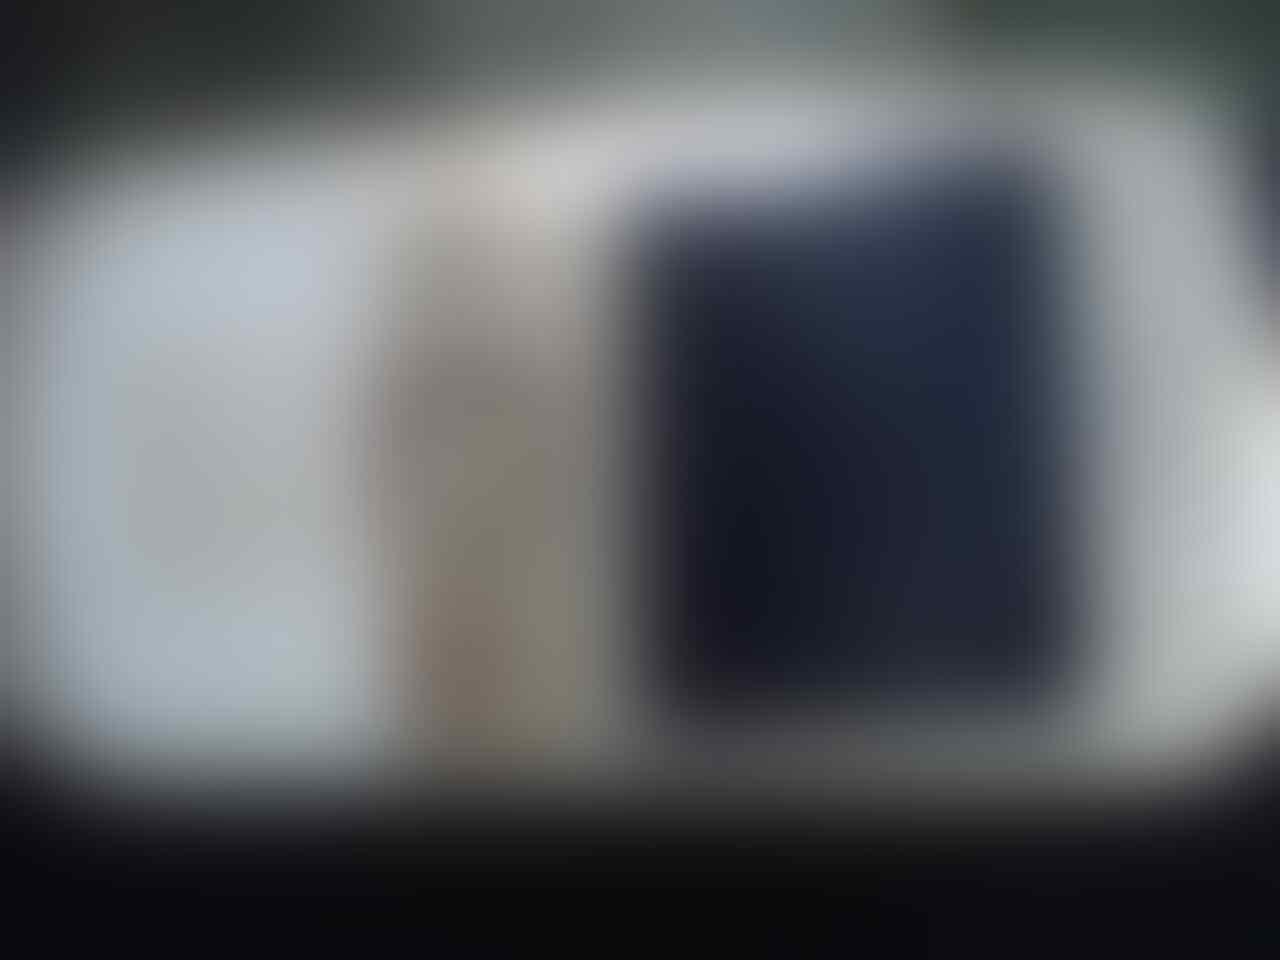 [WTS] Nokia C3 kondisi bagus - MURAH - SEMARANG